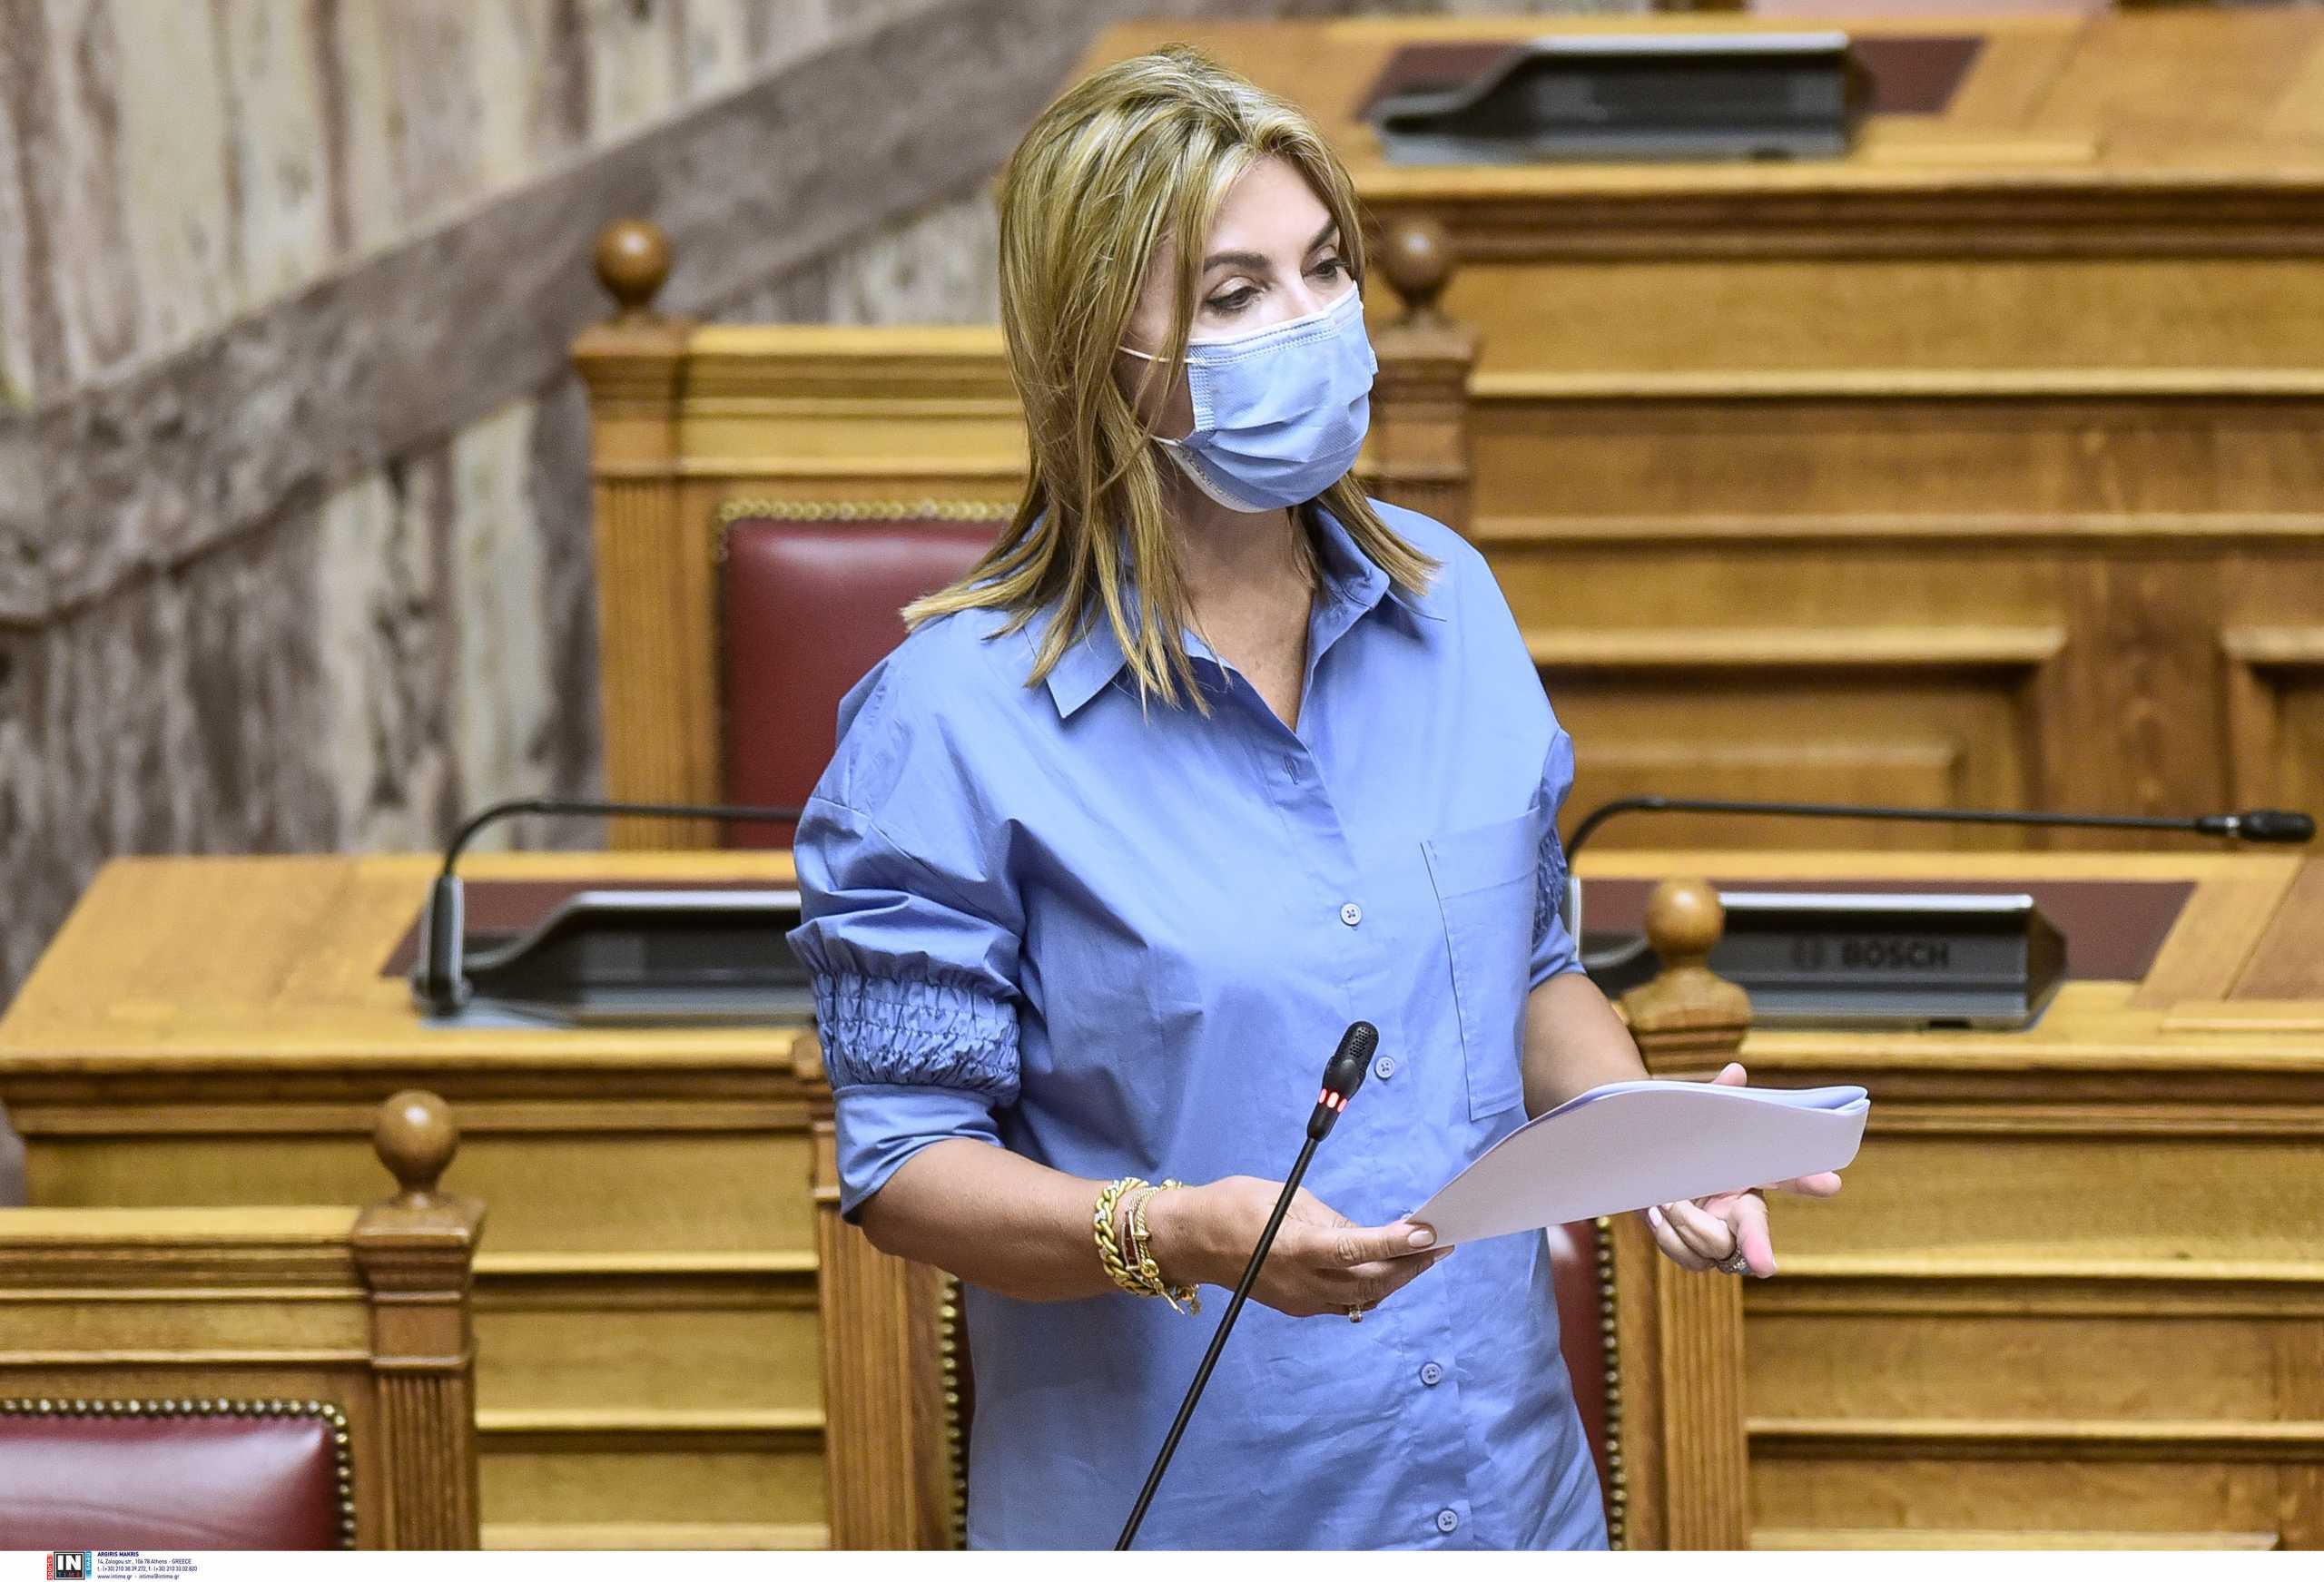 Ζέττα Μακρή για τα πρώτα λουκέτα στα σχολεία: Δεν έχει επιβαρυνθεί η δημόσια υγεία